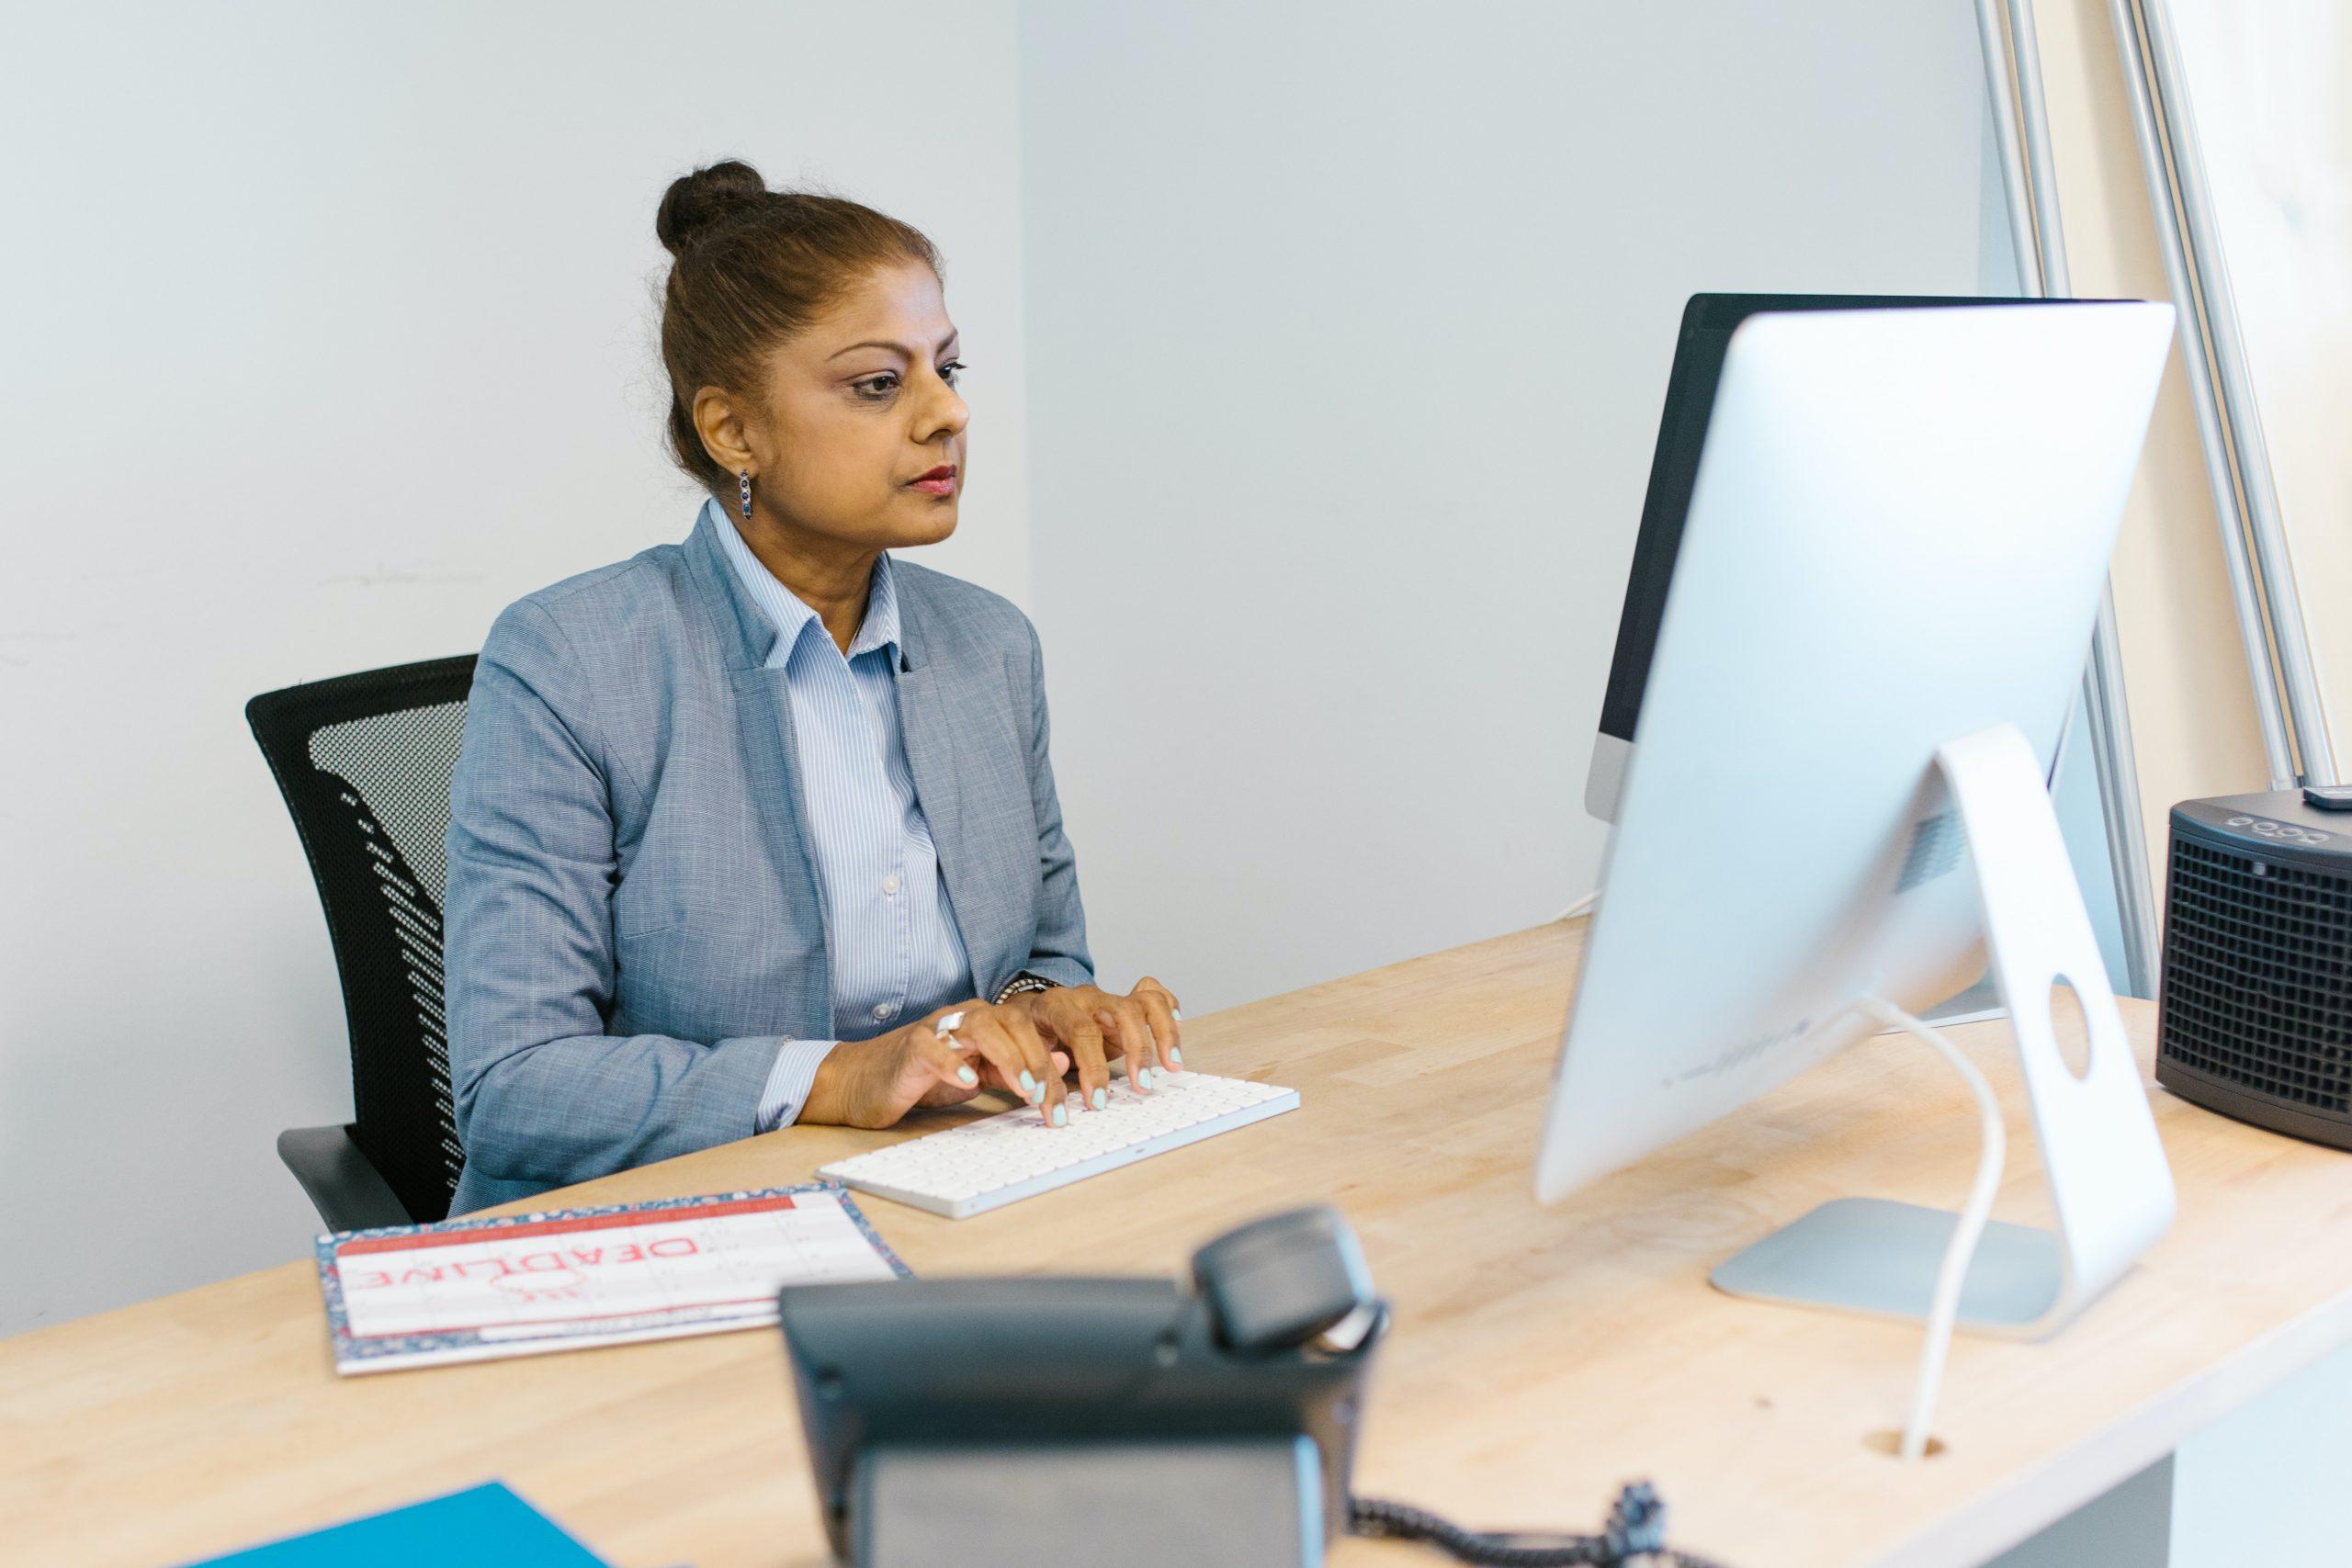 Imagem de uma mulher utilizando um mini teclado.